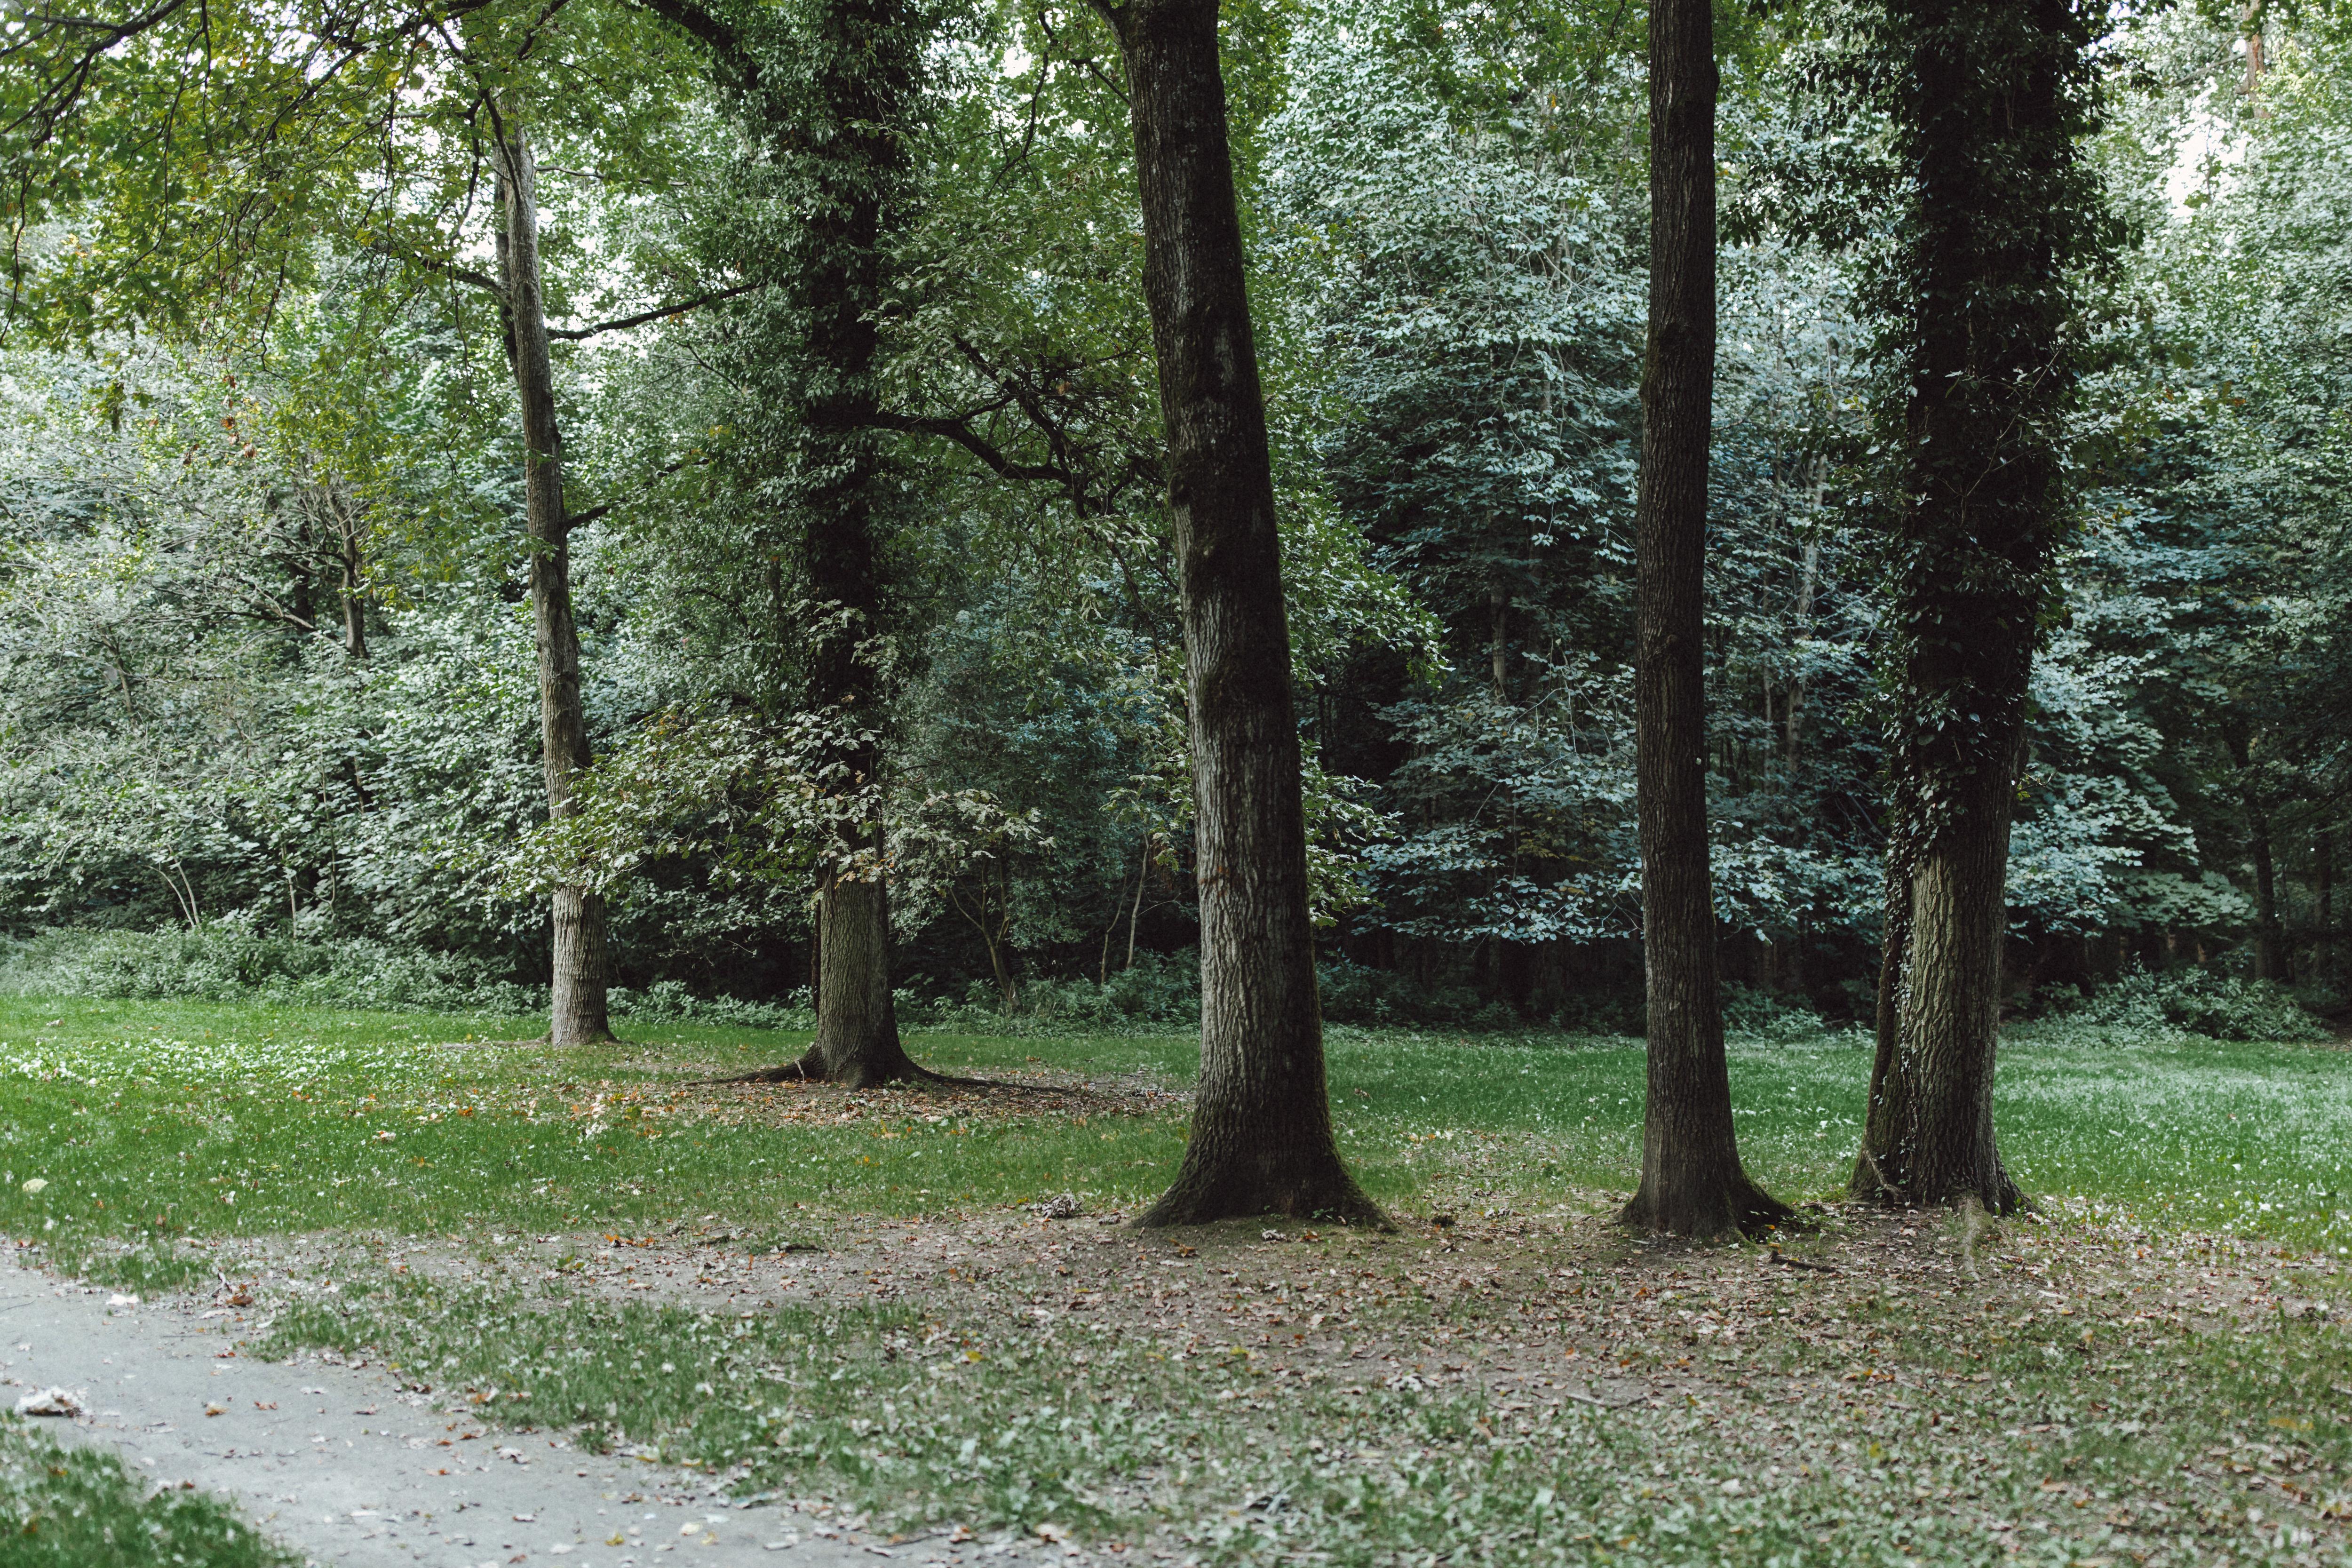 URBANERIE_Daniela_Goth_Fotografin_Nürnberg_Fürth_Erlangen_Schwabach_170906_001_0022